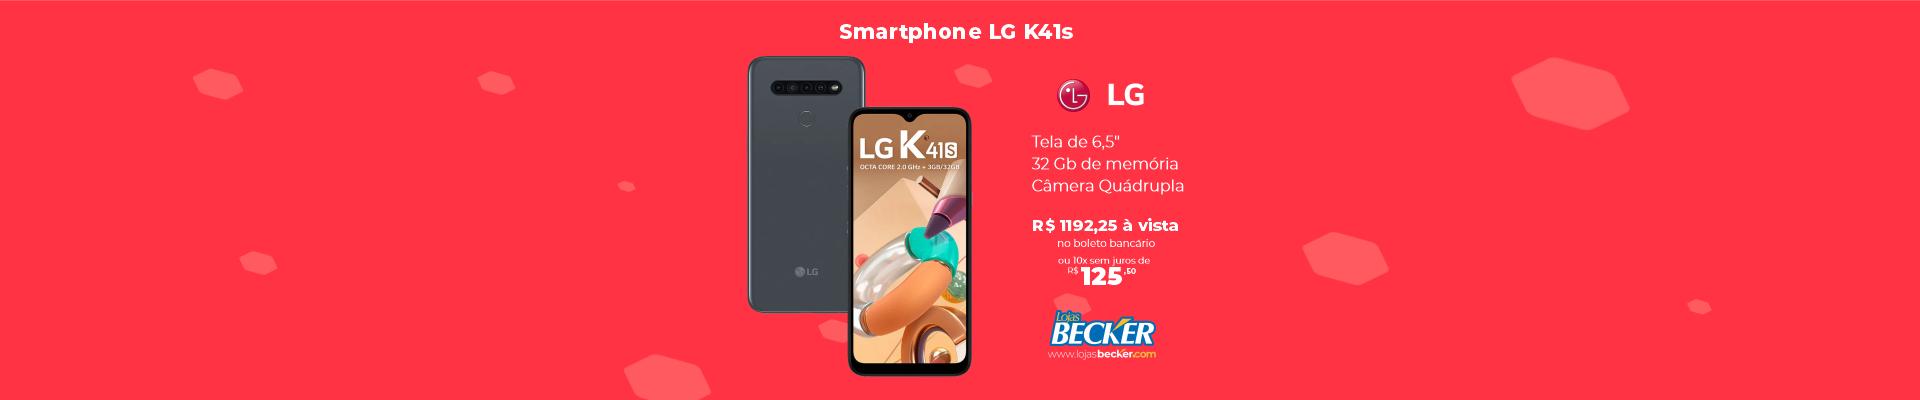 LG - LG K41S